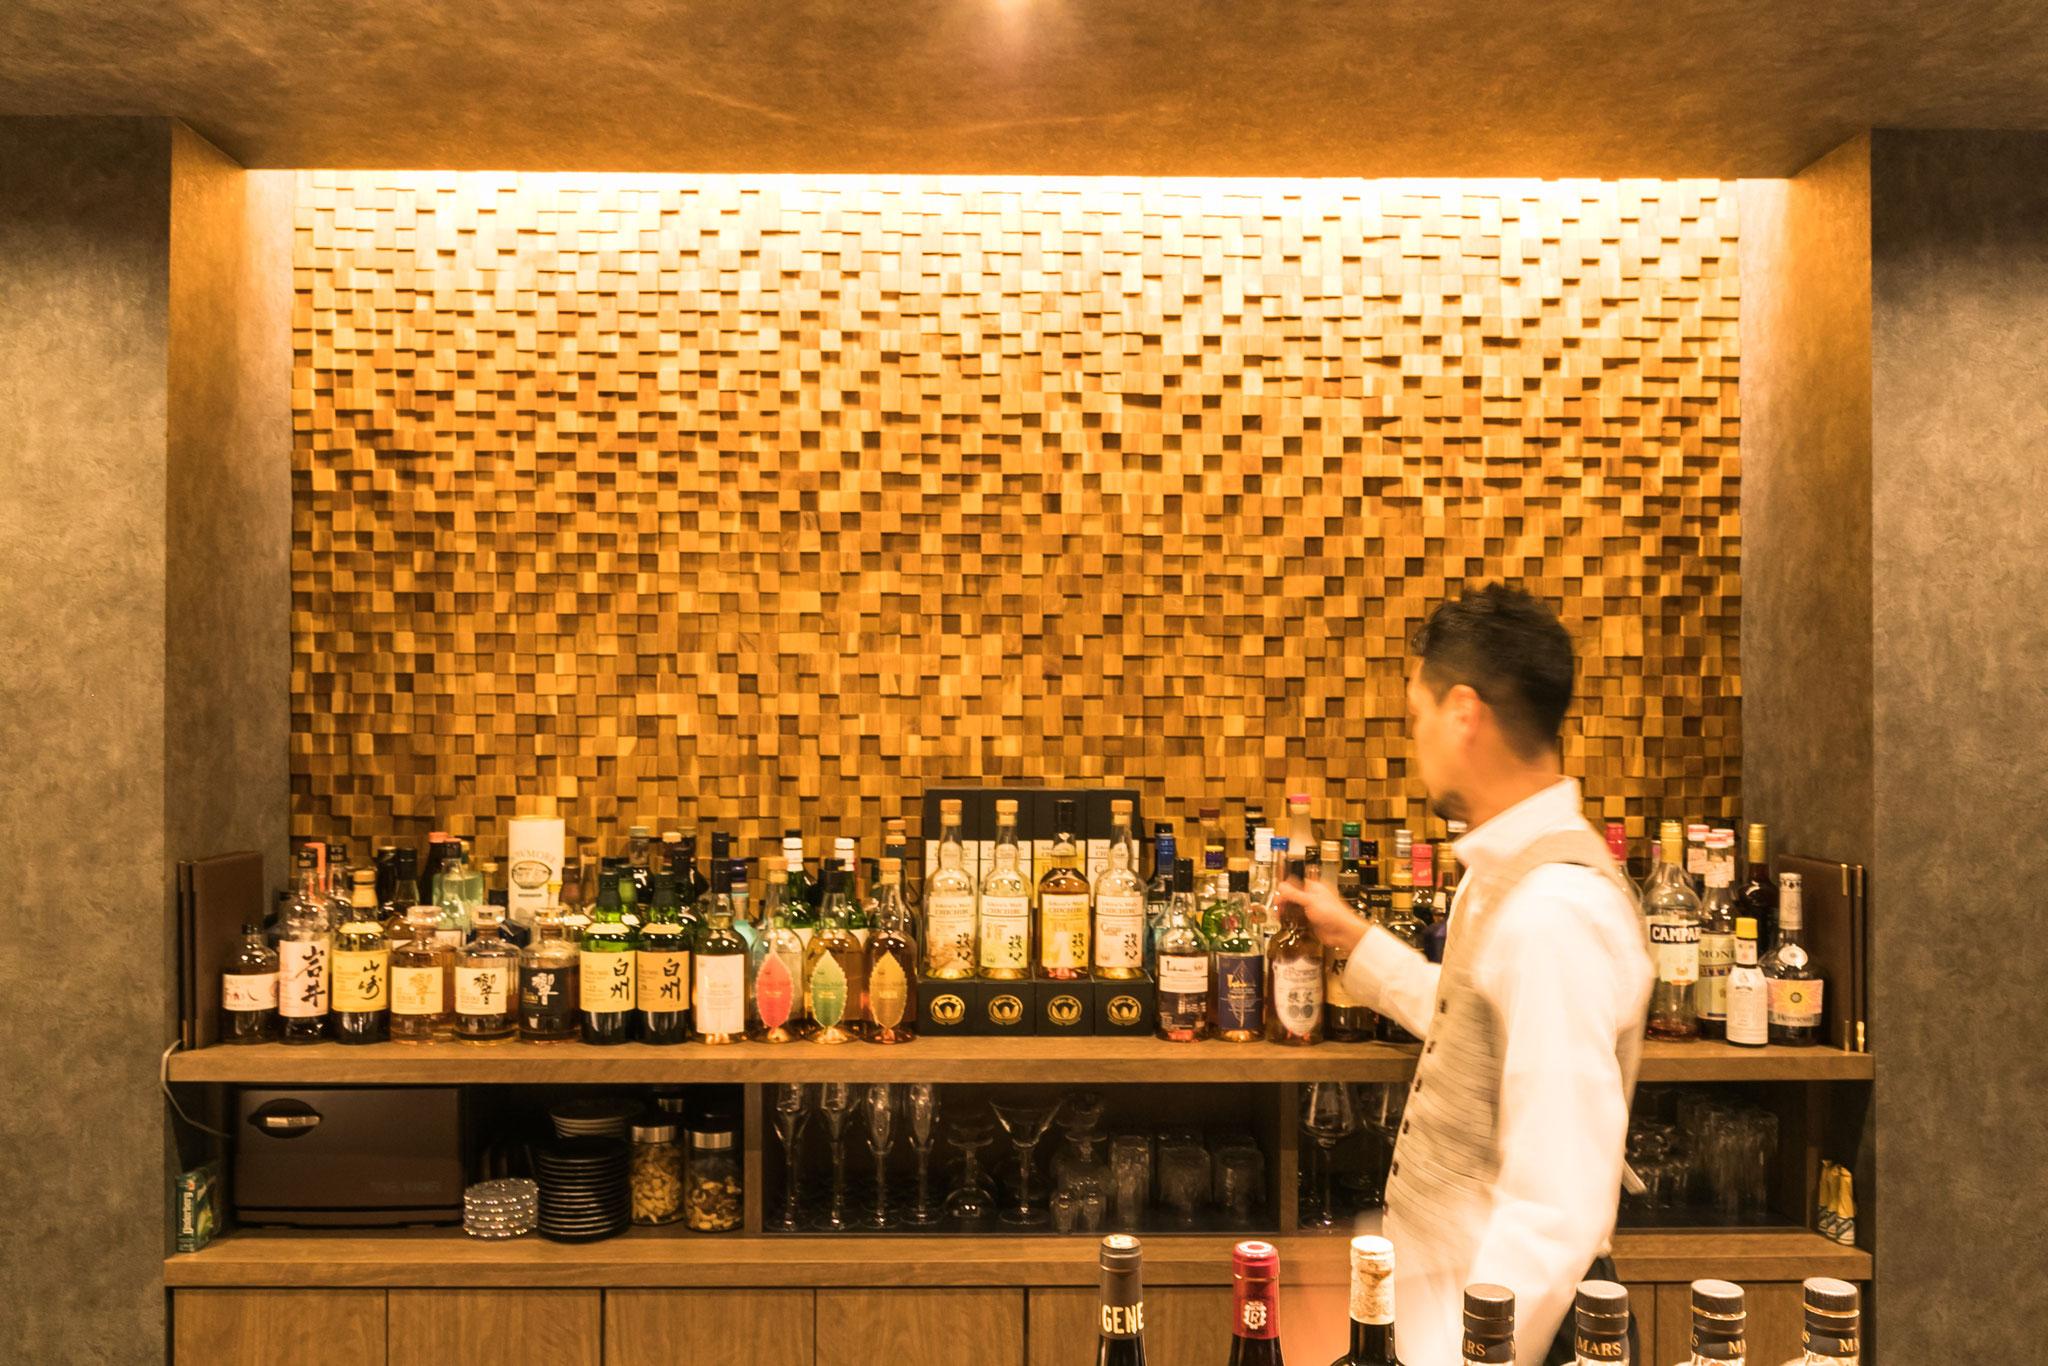 イチローズモルトをはじめとしたジャパニーズウイスキーを豊富により揃えています。